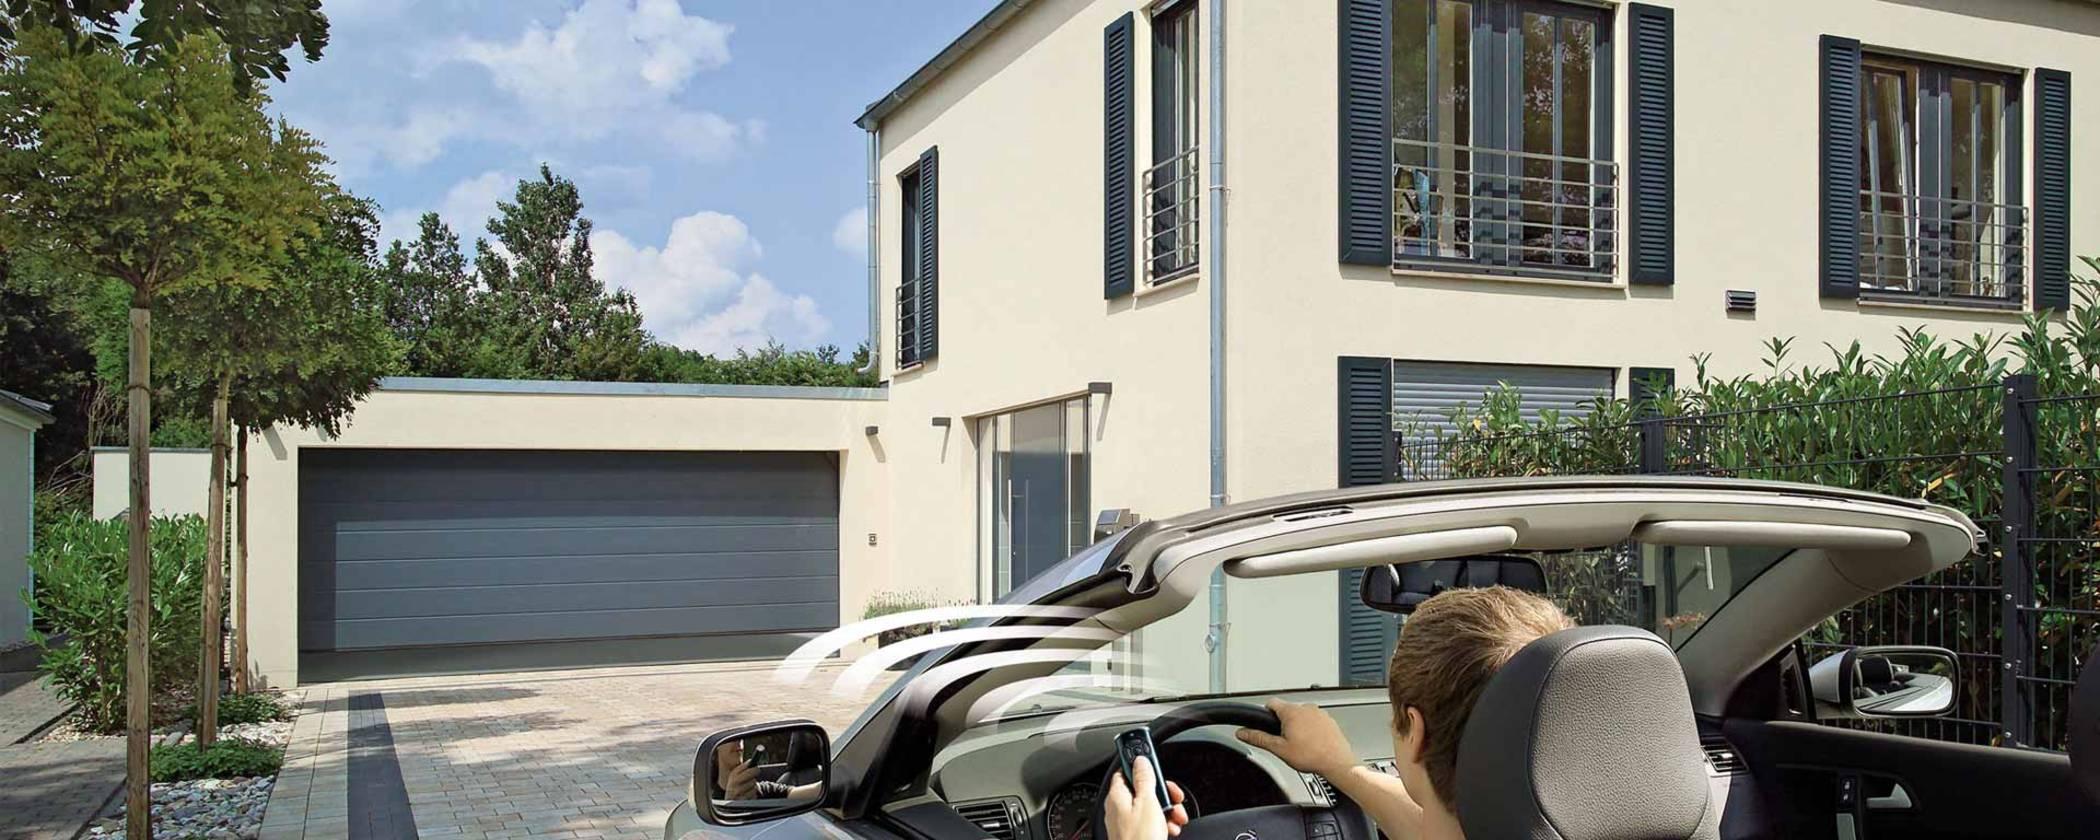 Garagentor Antrieb elektrisch mit Fernbedienung von Hörmann Hannover